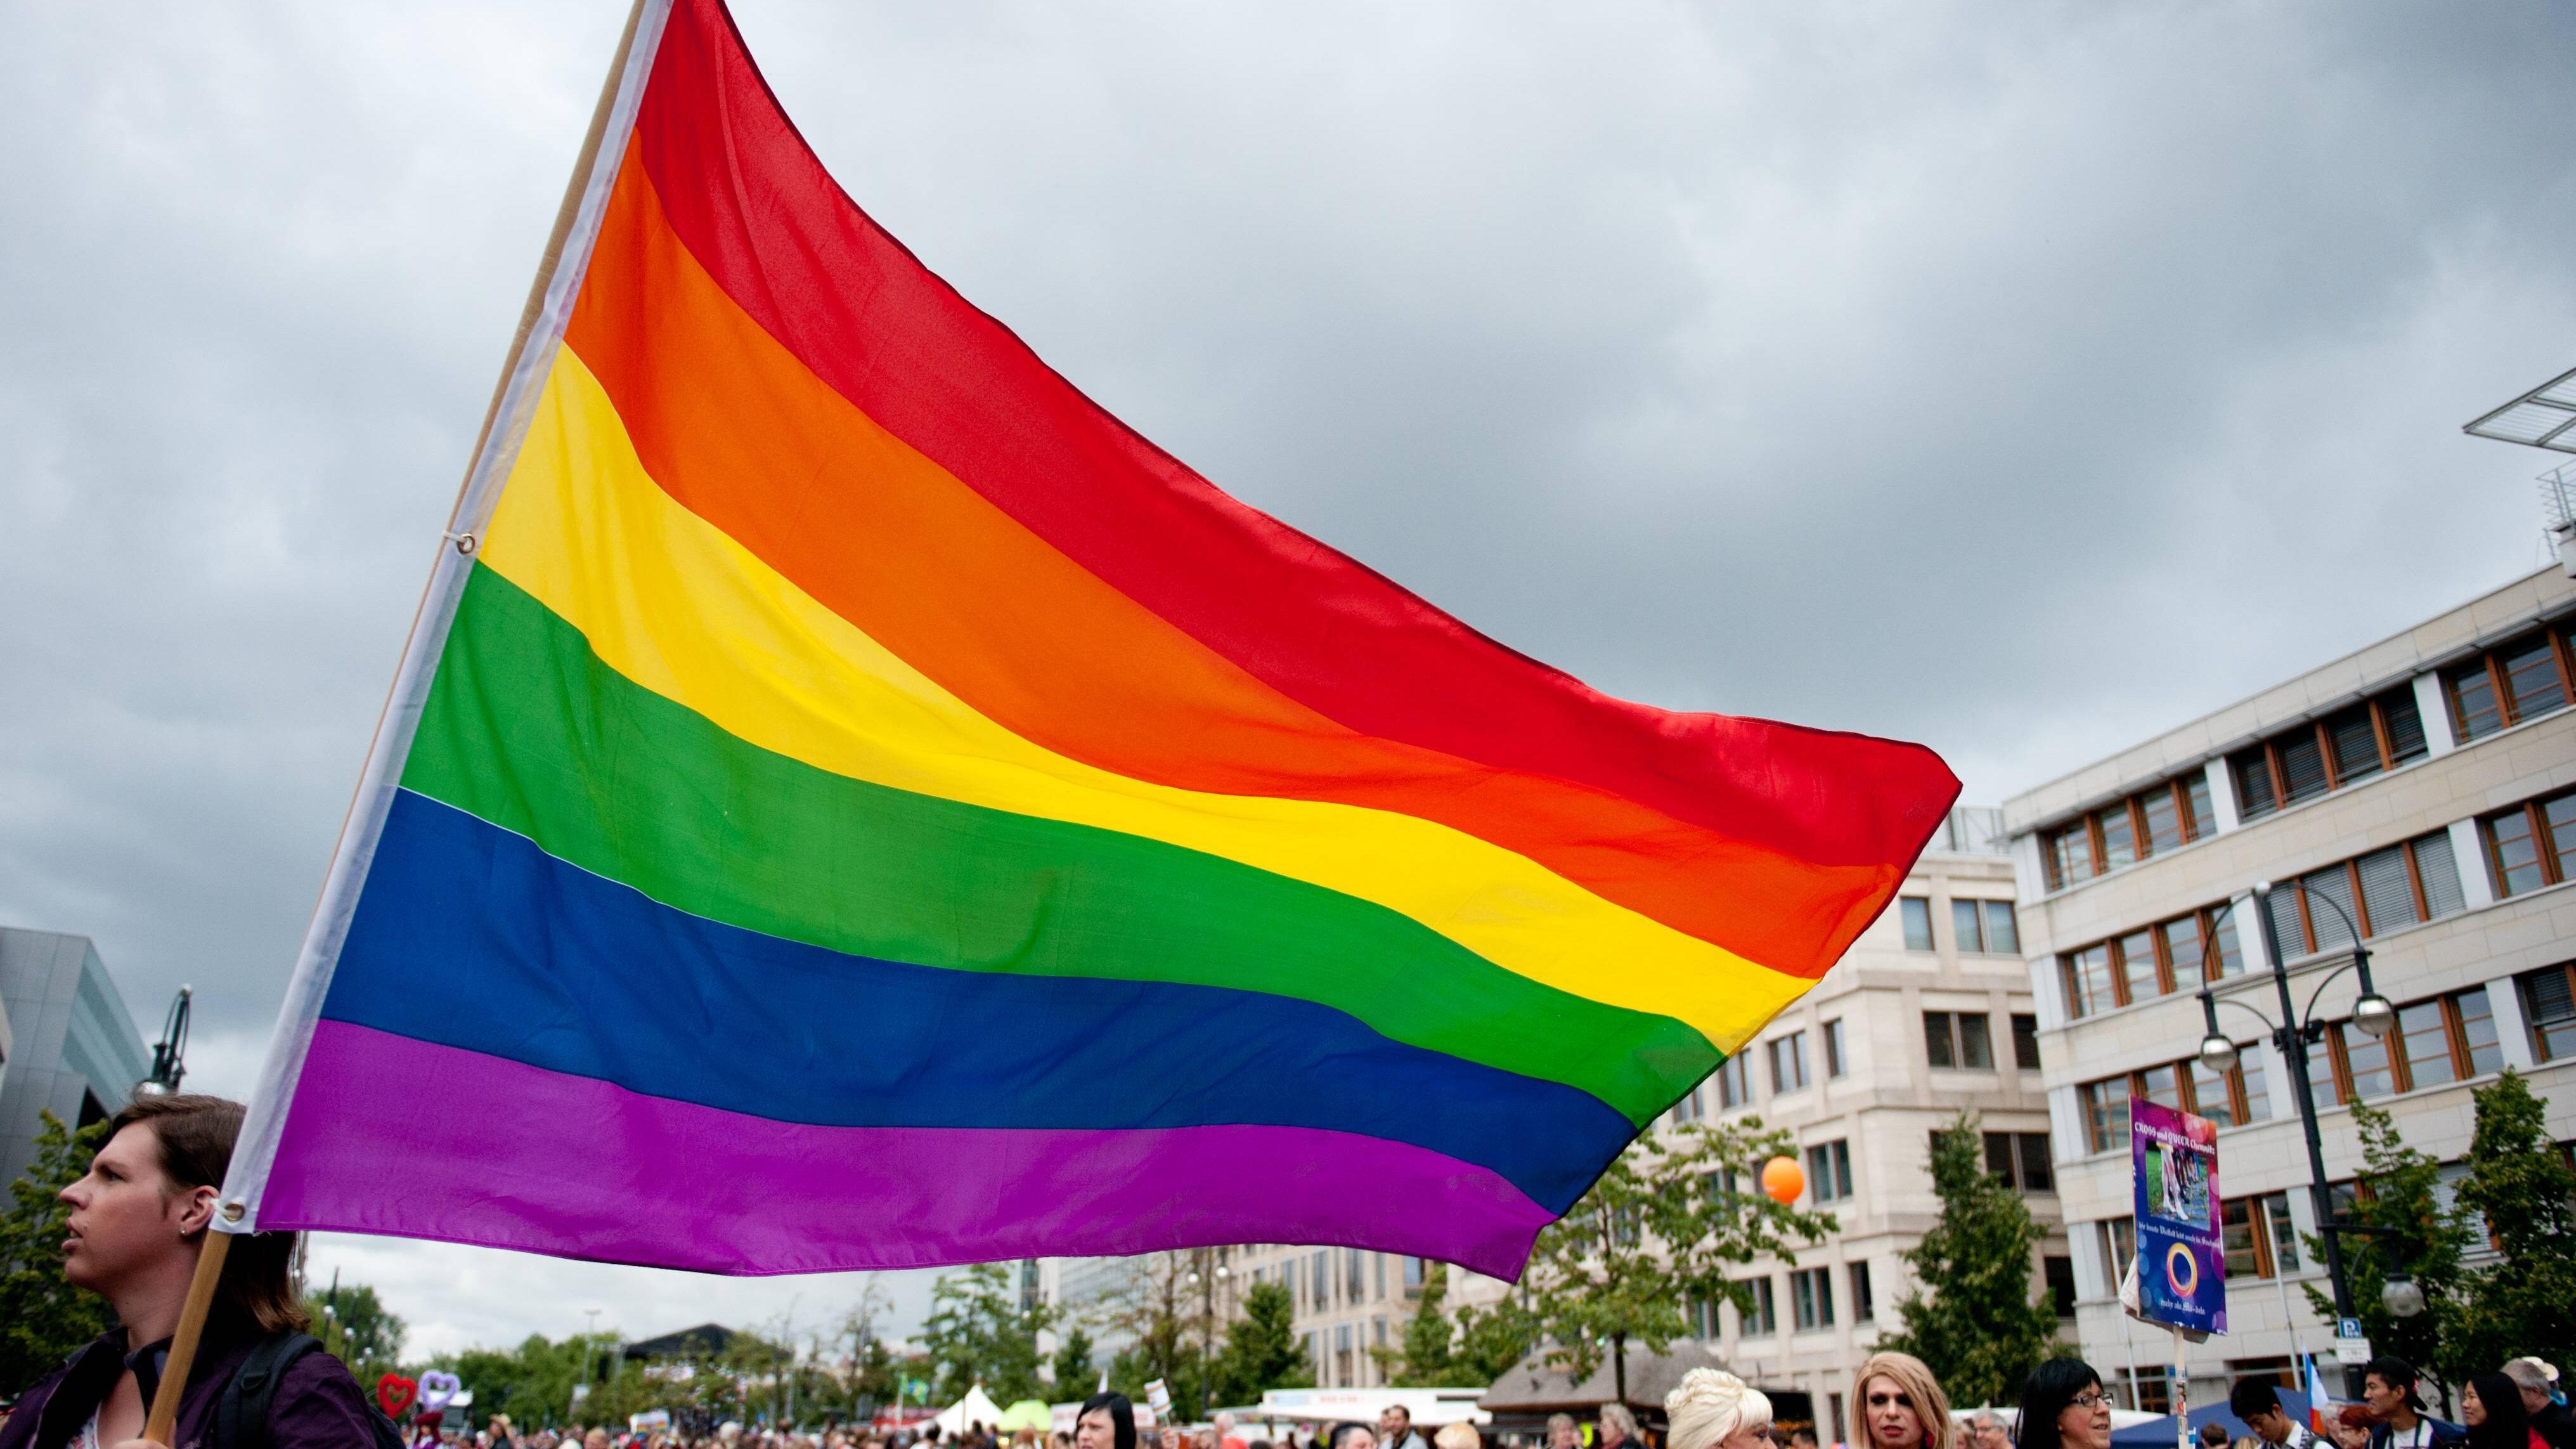 Regenbogenflagge: Bedeutung einfach erklärt